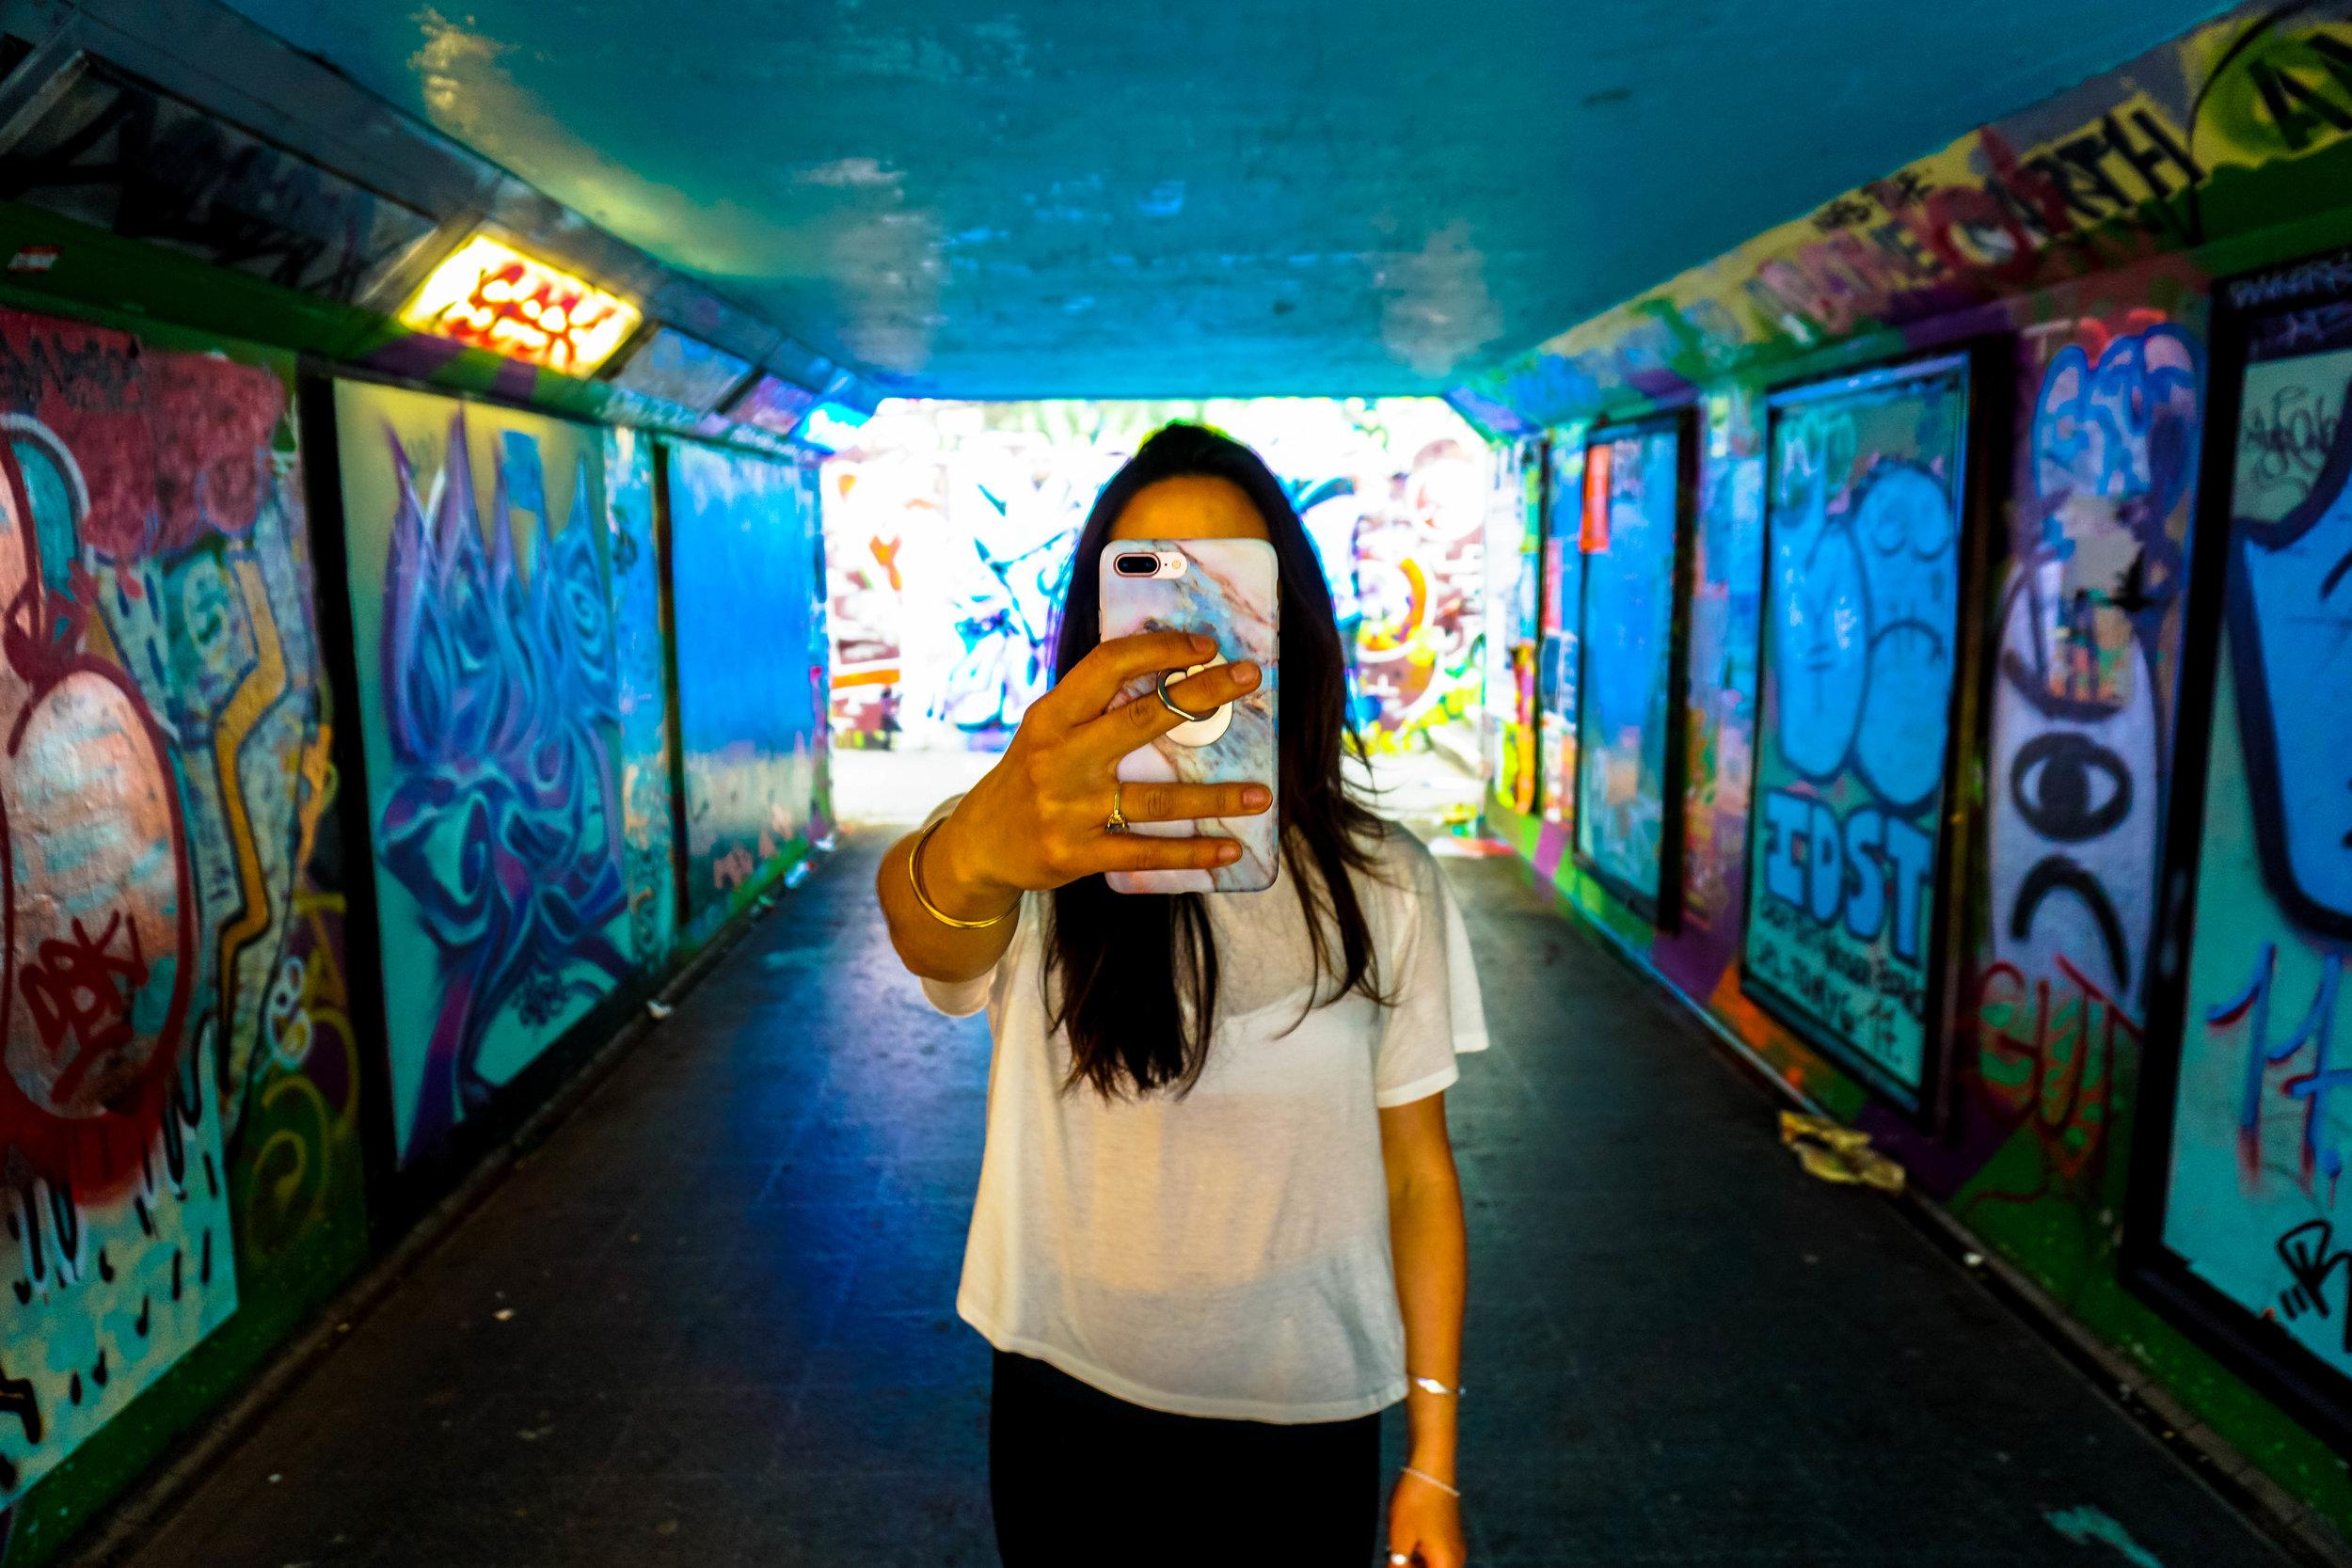 Graffiti obsessed